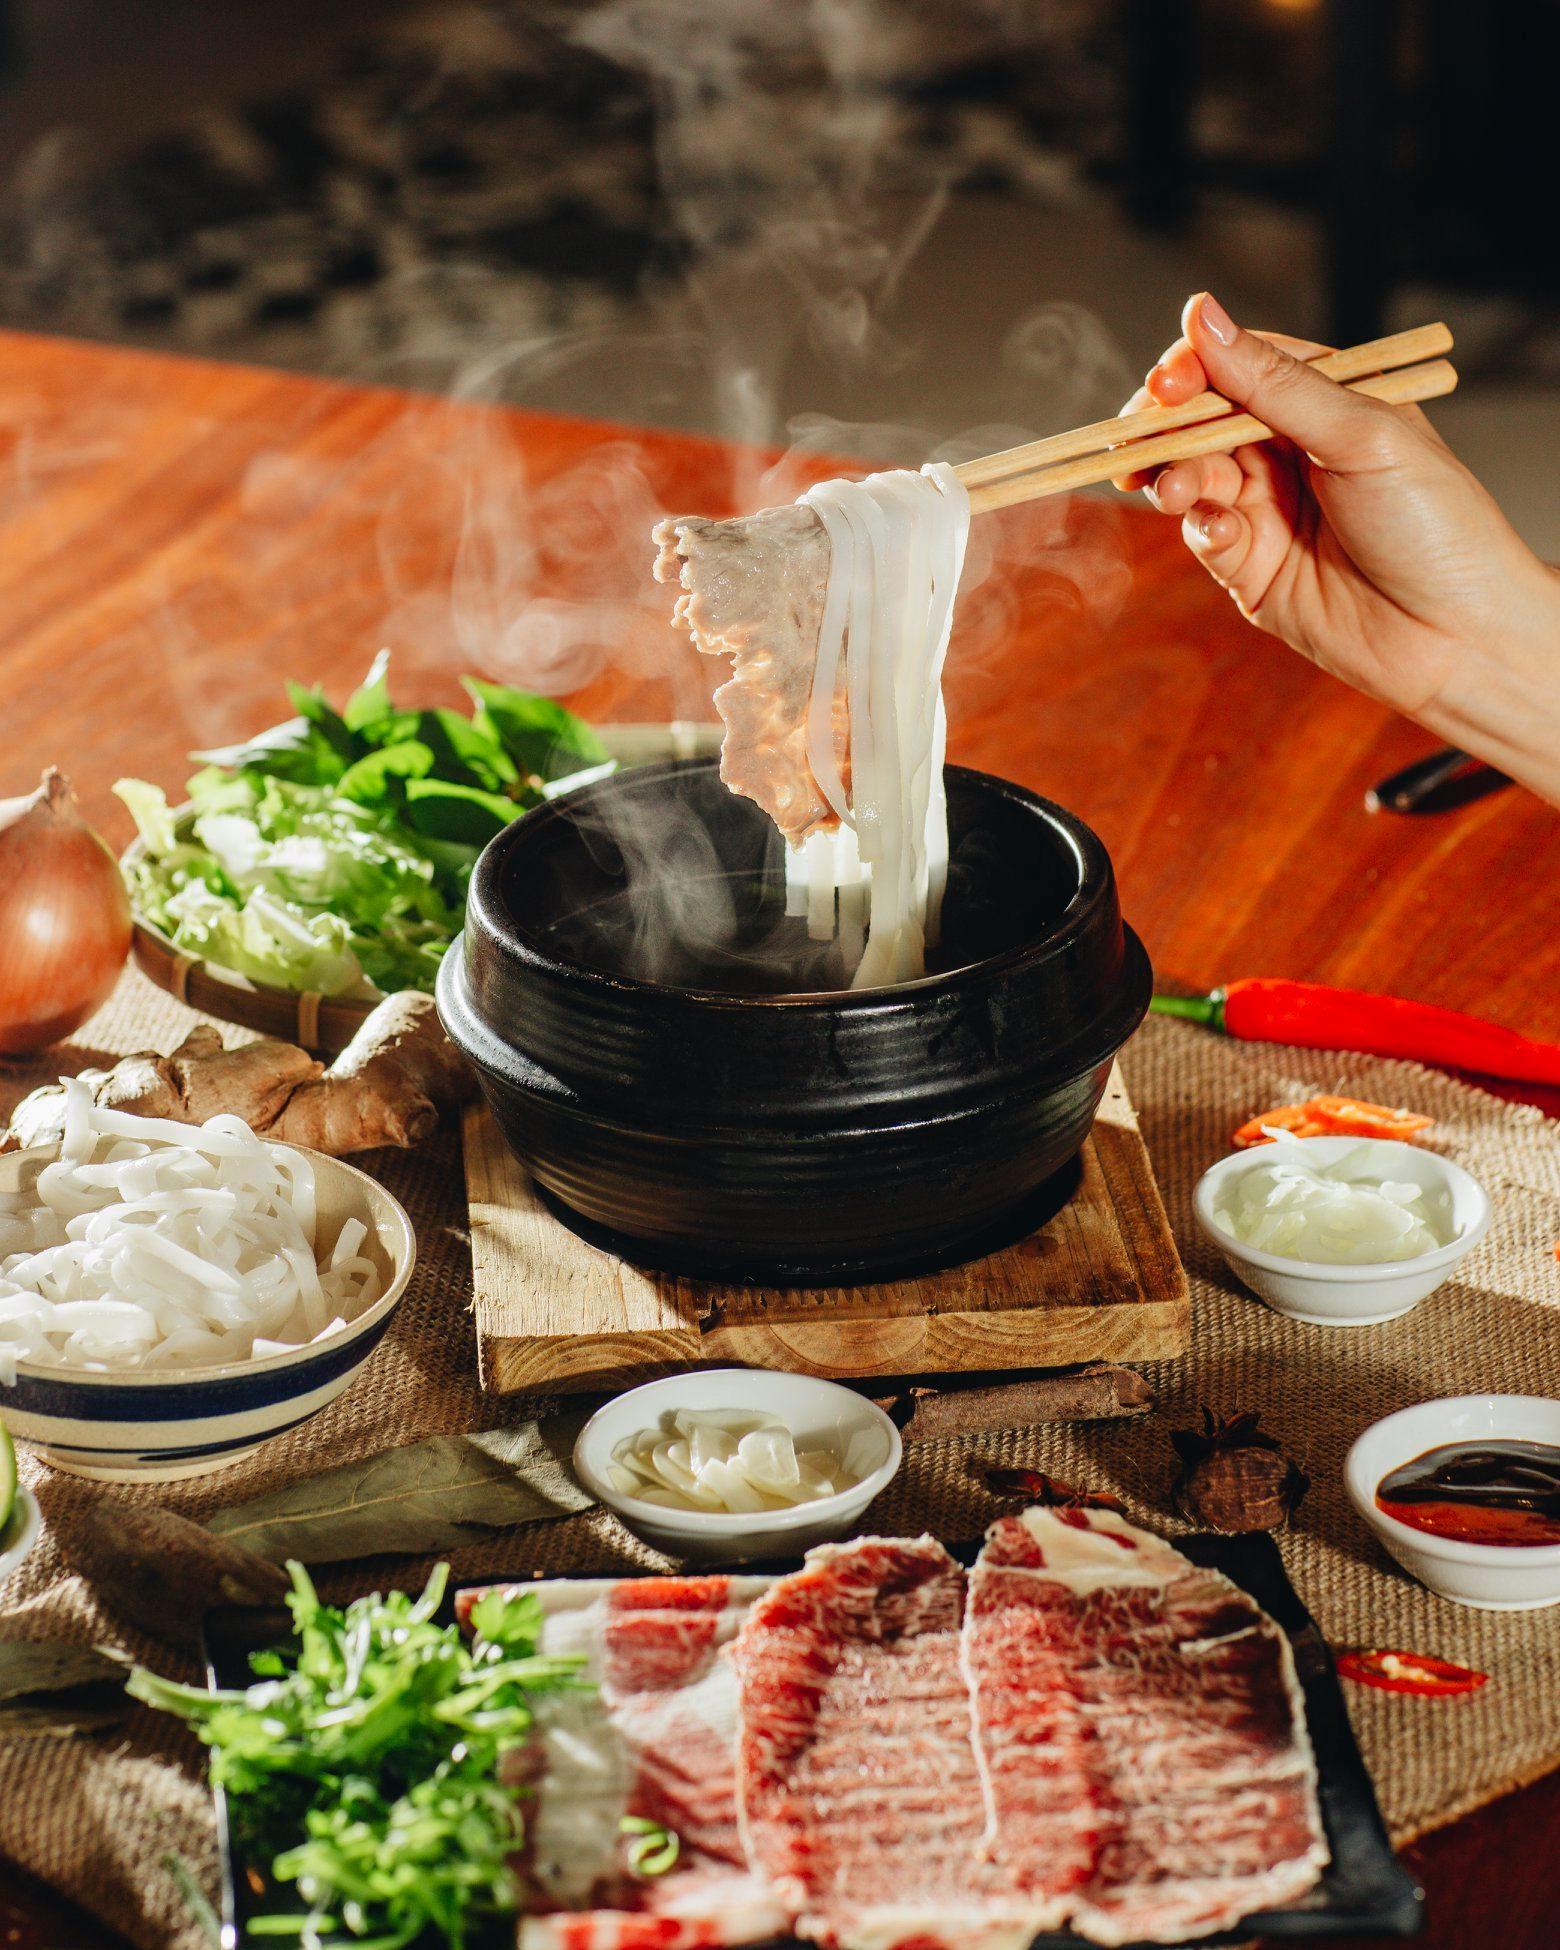 Phở bò Kobe nổi tiếng tại Món ngon Đà Lạt.